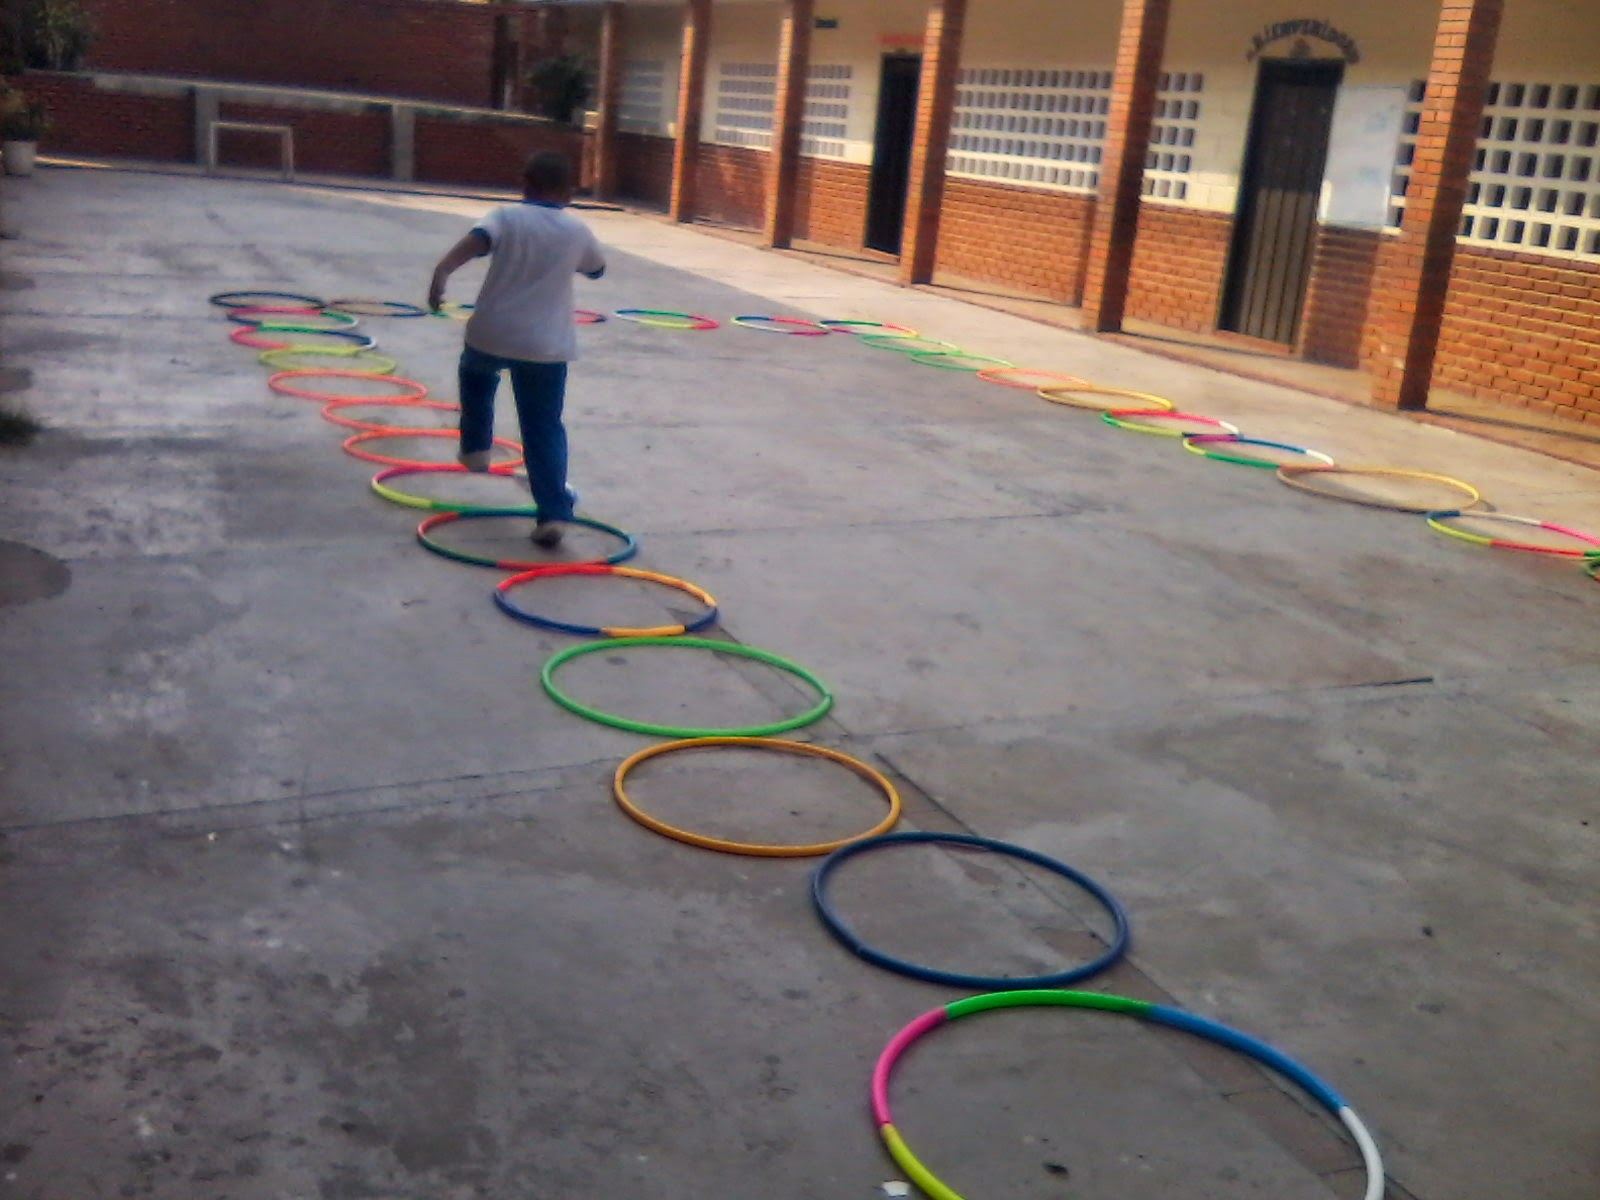 Ejercicios Y Juegos Recreativos Con Hula Hula Y Cuerdas Edufisica